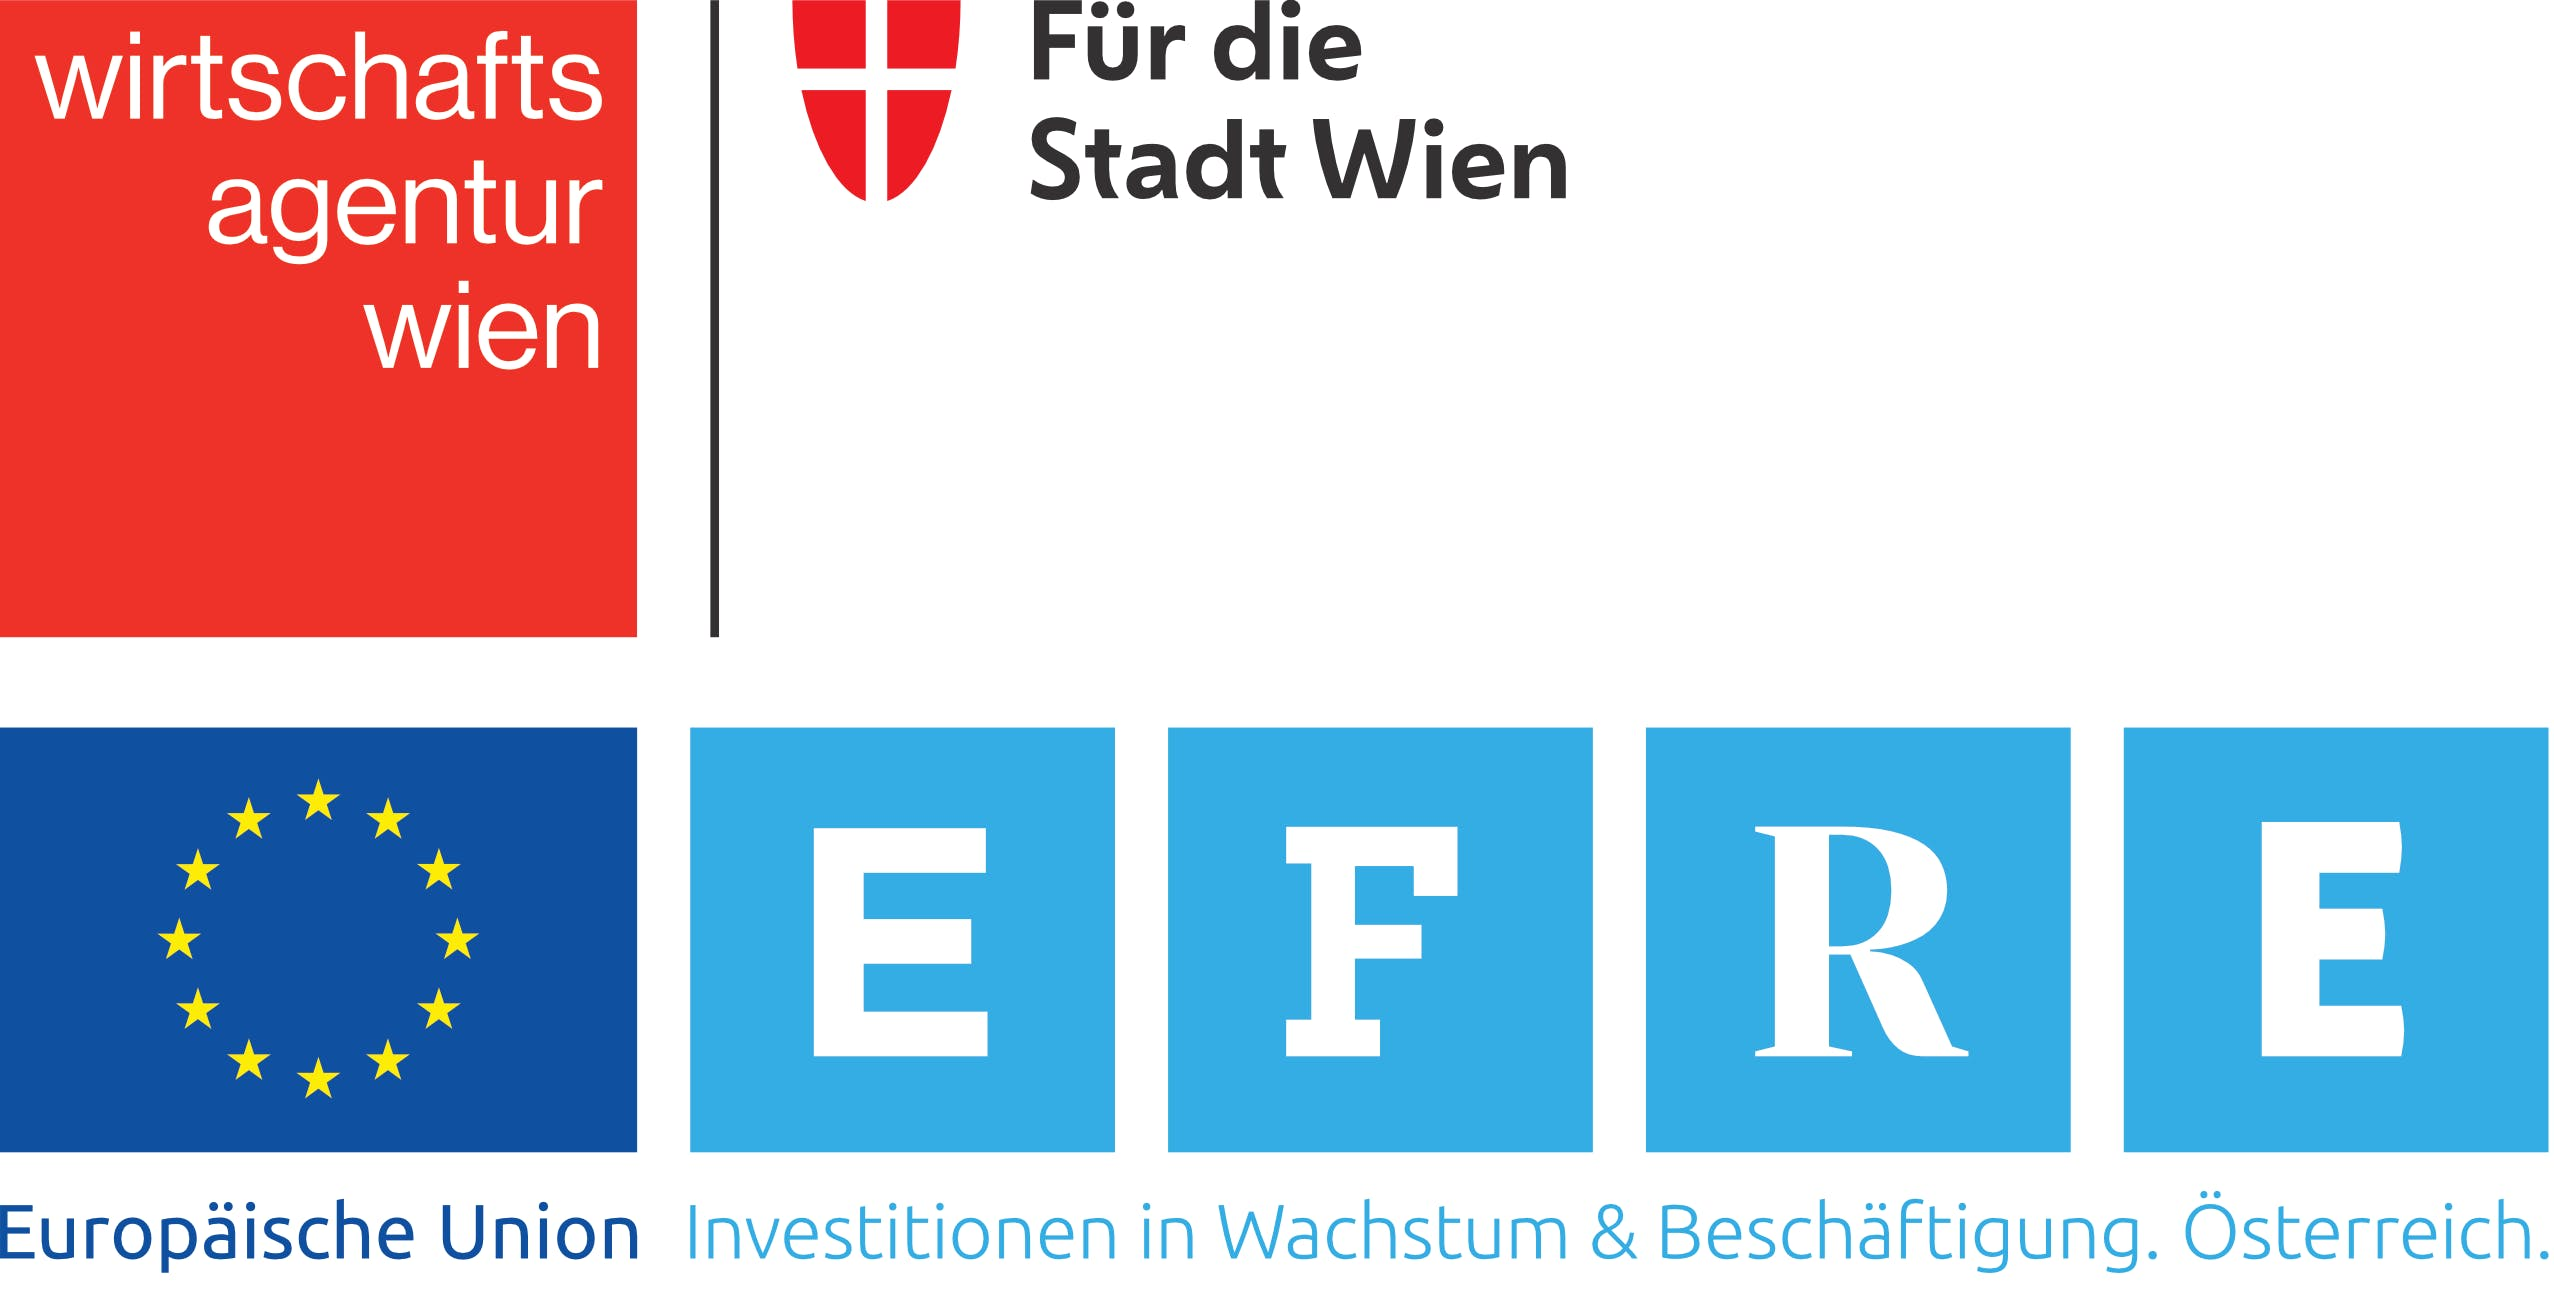 Wirtschaftsagentur Wien.